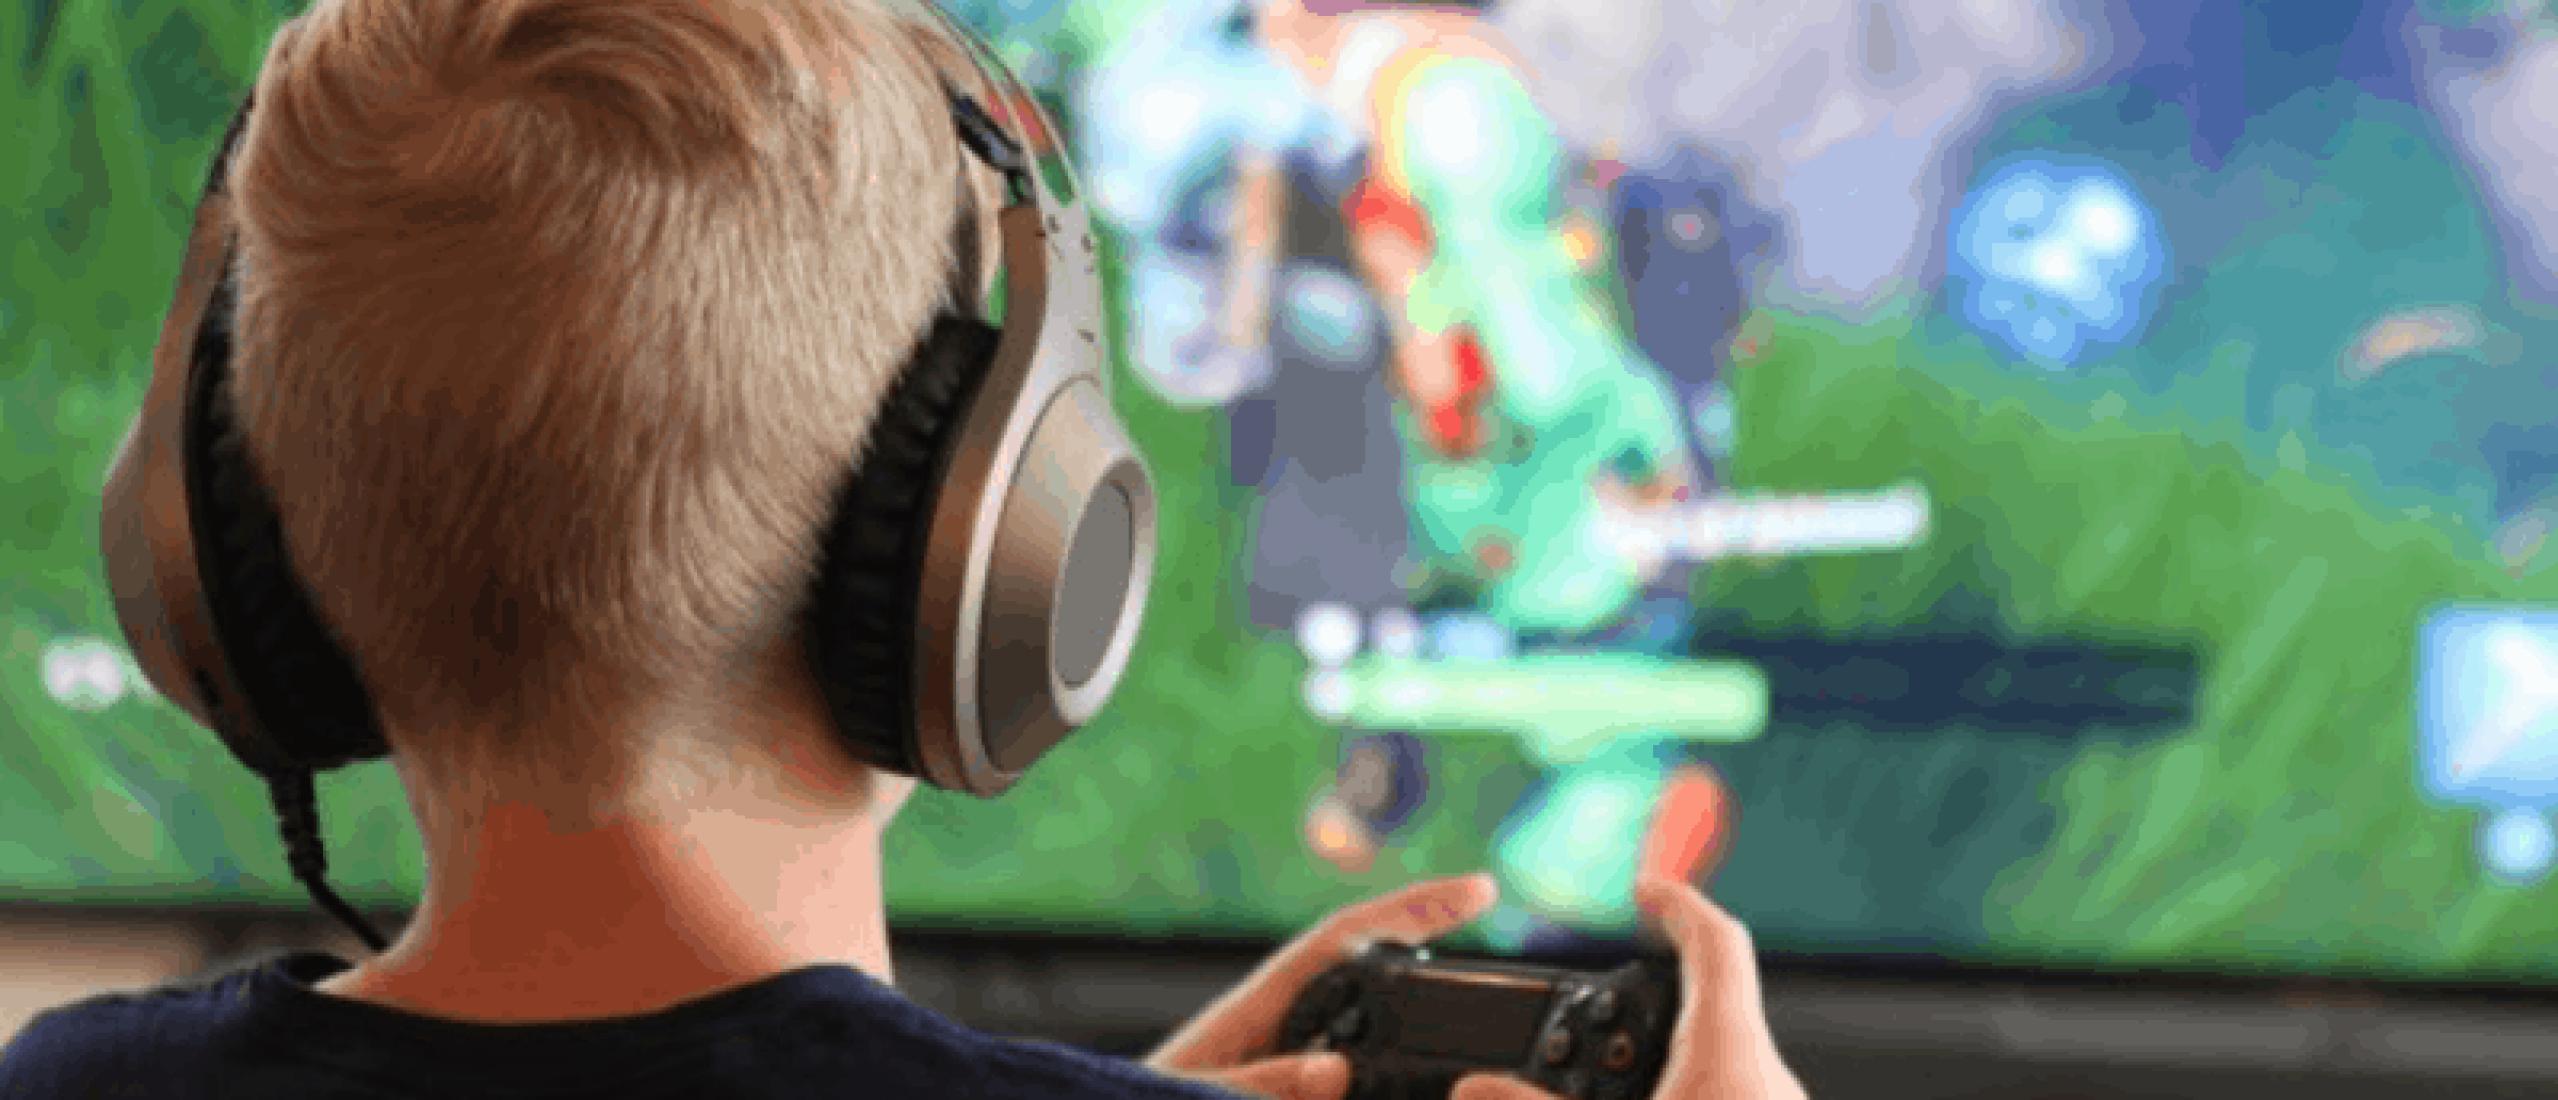 Beïnvloedt gamen het gedrag van kinderen?